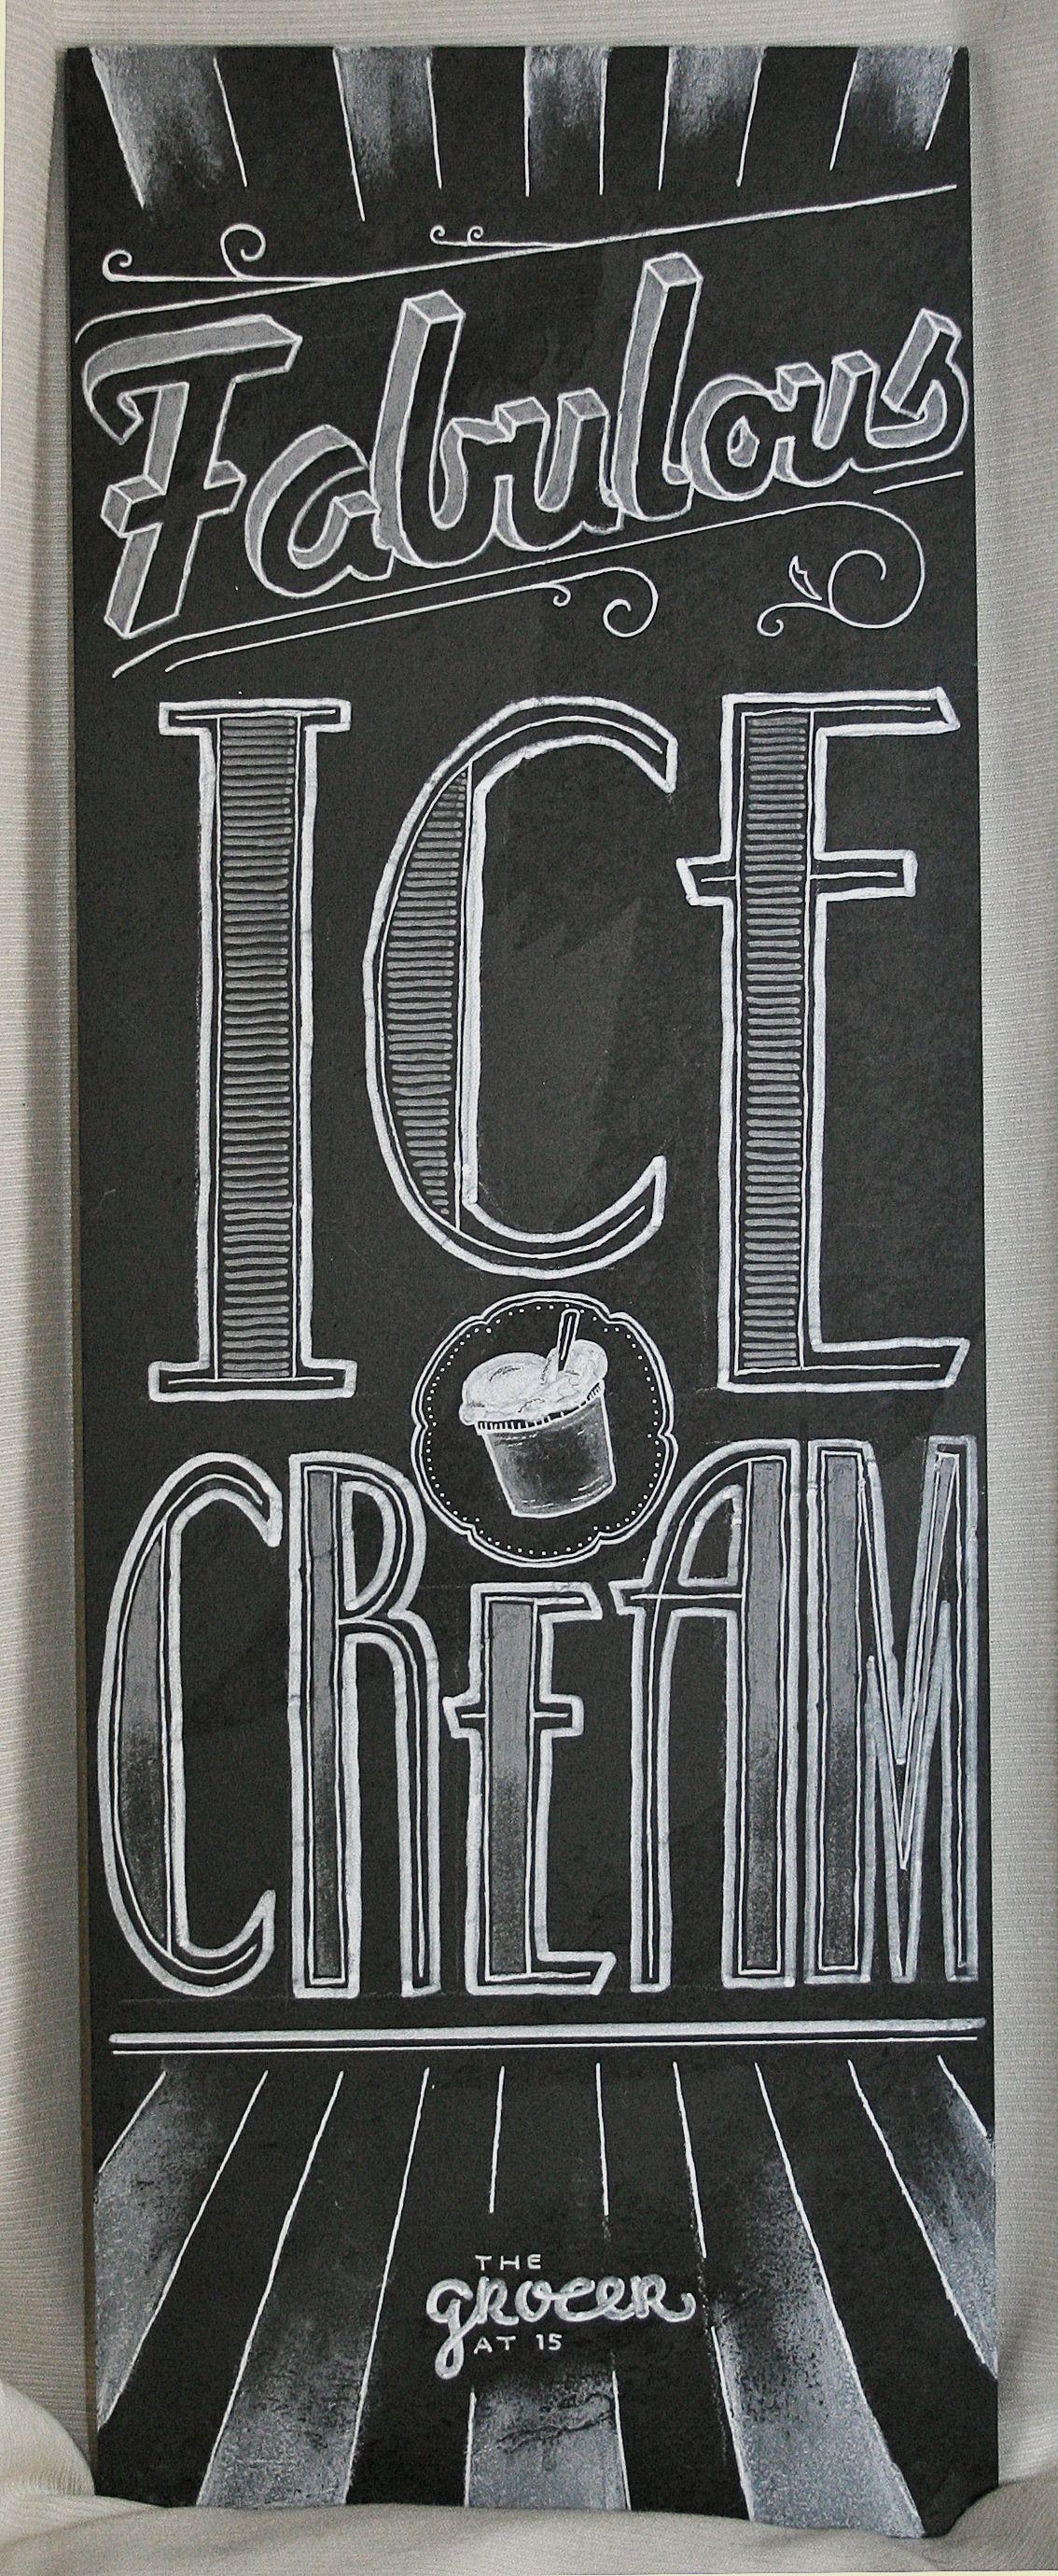 fabulous ice cream sign done by blackboard duty chalkboard signs